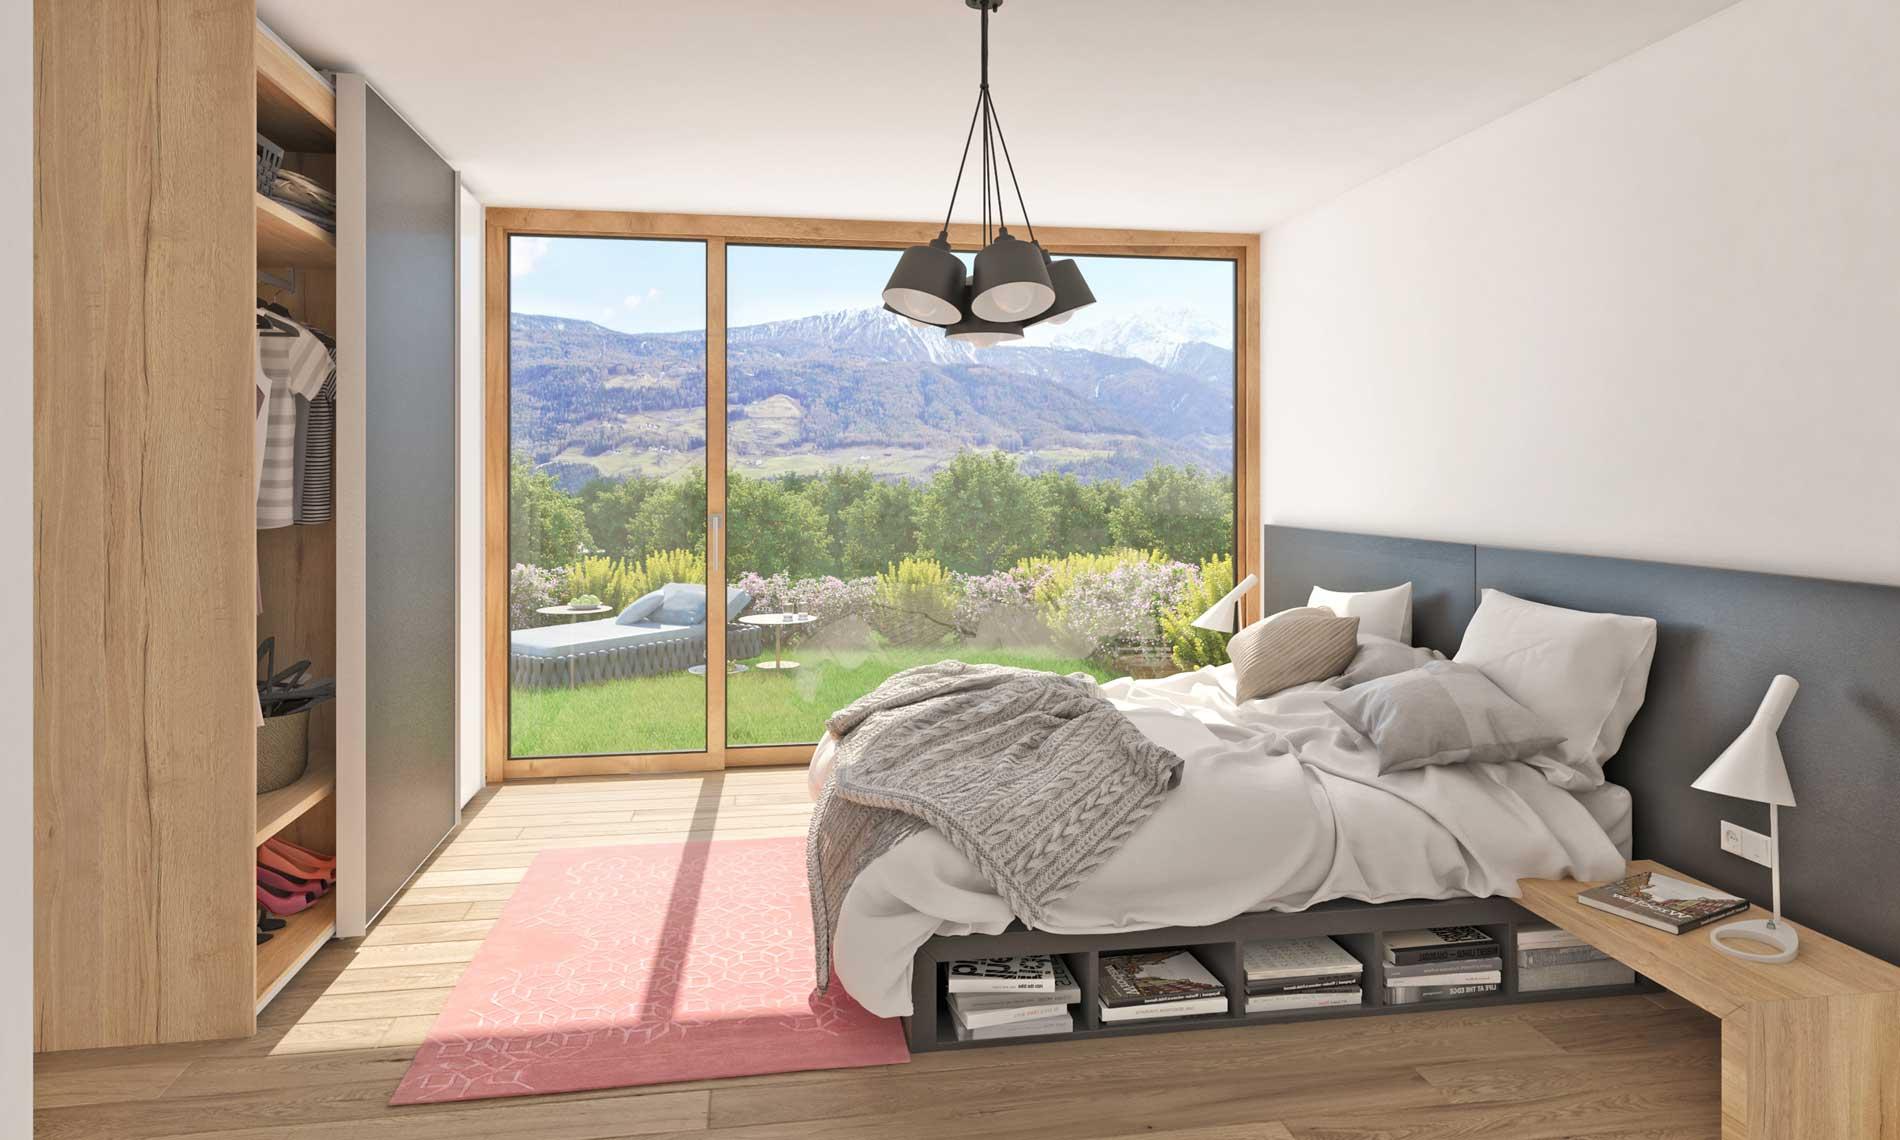 Visualisierung Schlafzimmer mit bodentiefen Fensterfronten Apfelanger Schlanders Neubau Vinschgau